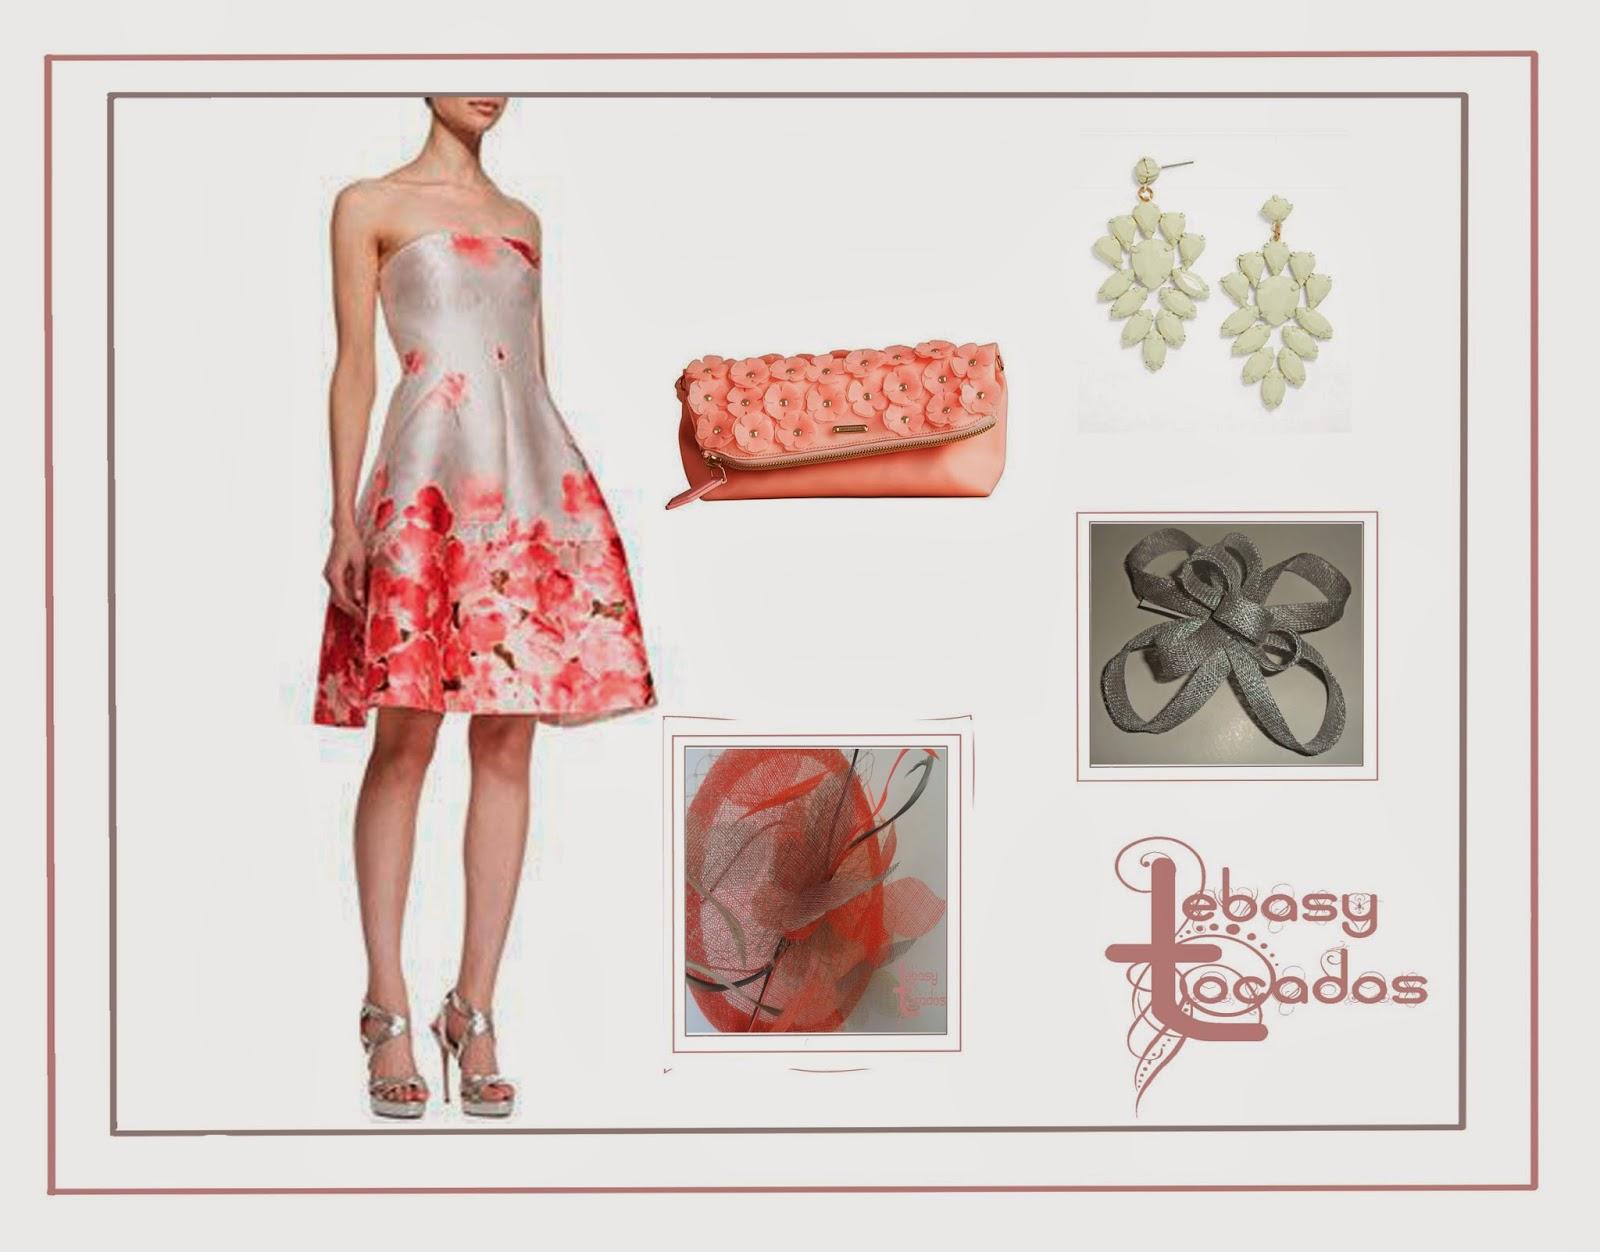 Look primaveral en gris y coral con tocados de Lebasy Tocados